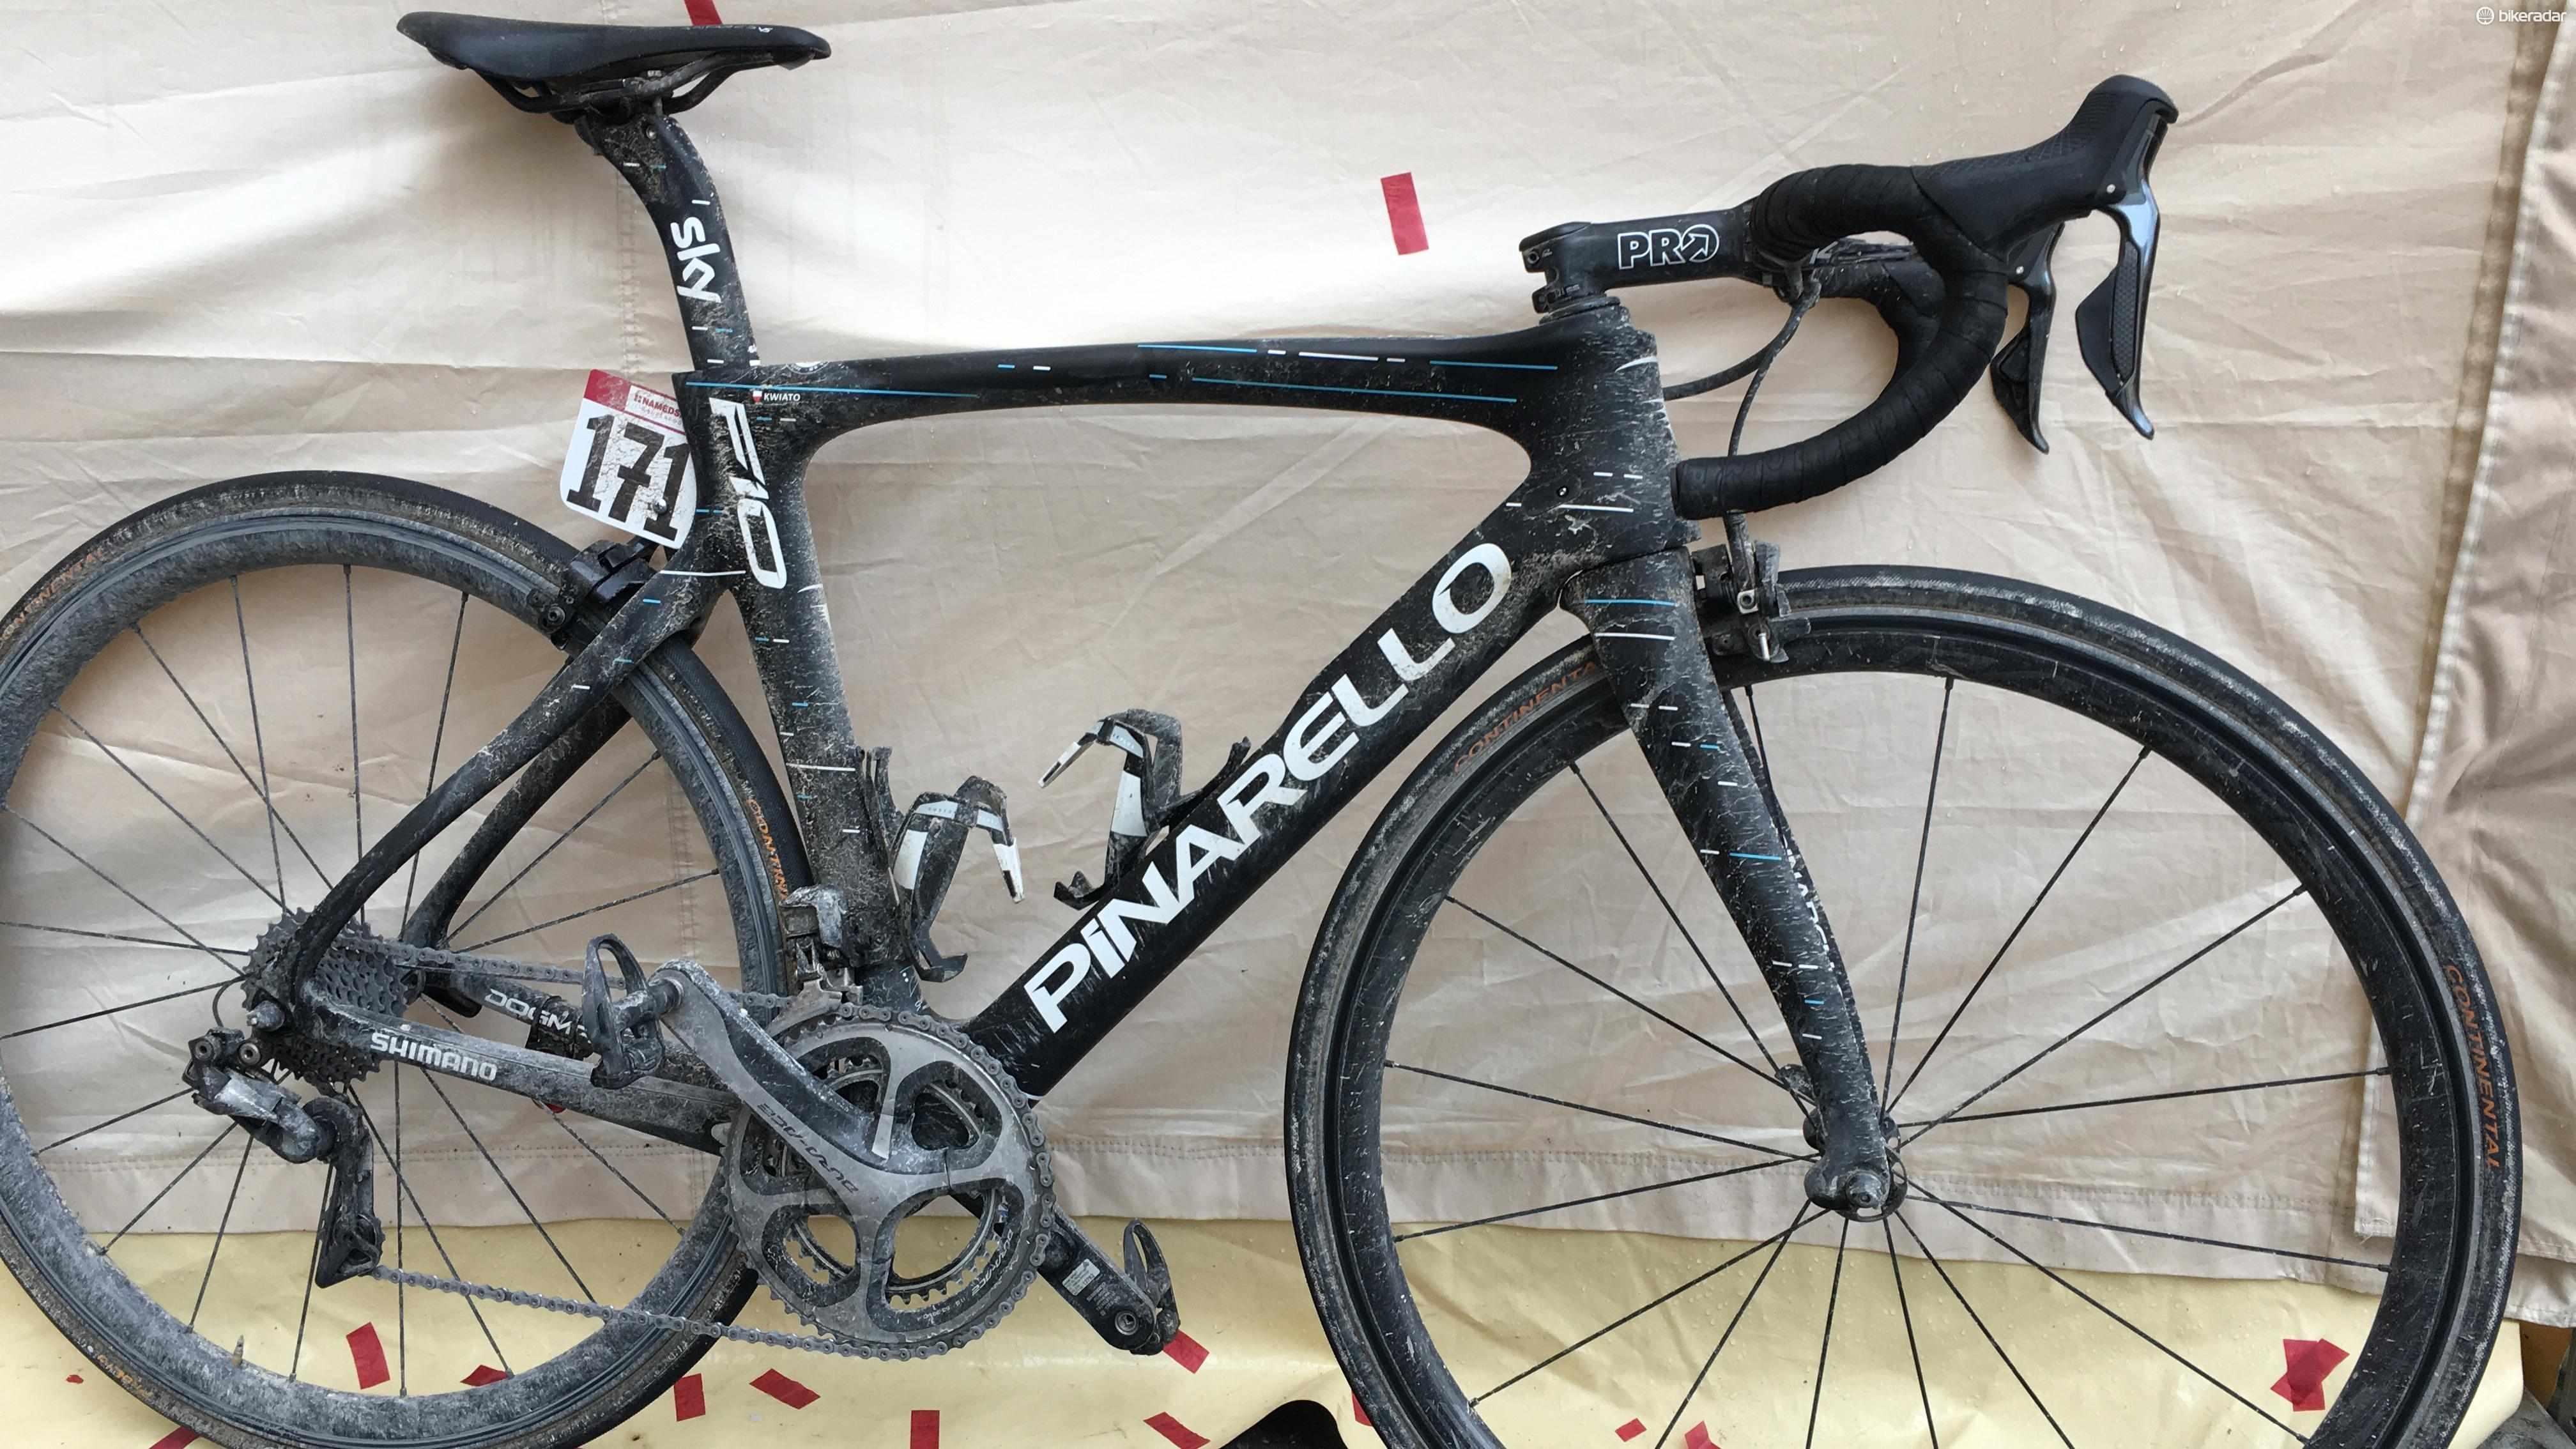 Michal Kwiatkowski's Pinarello Dogma F10 for the 2017 Strade Bianche